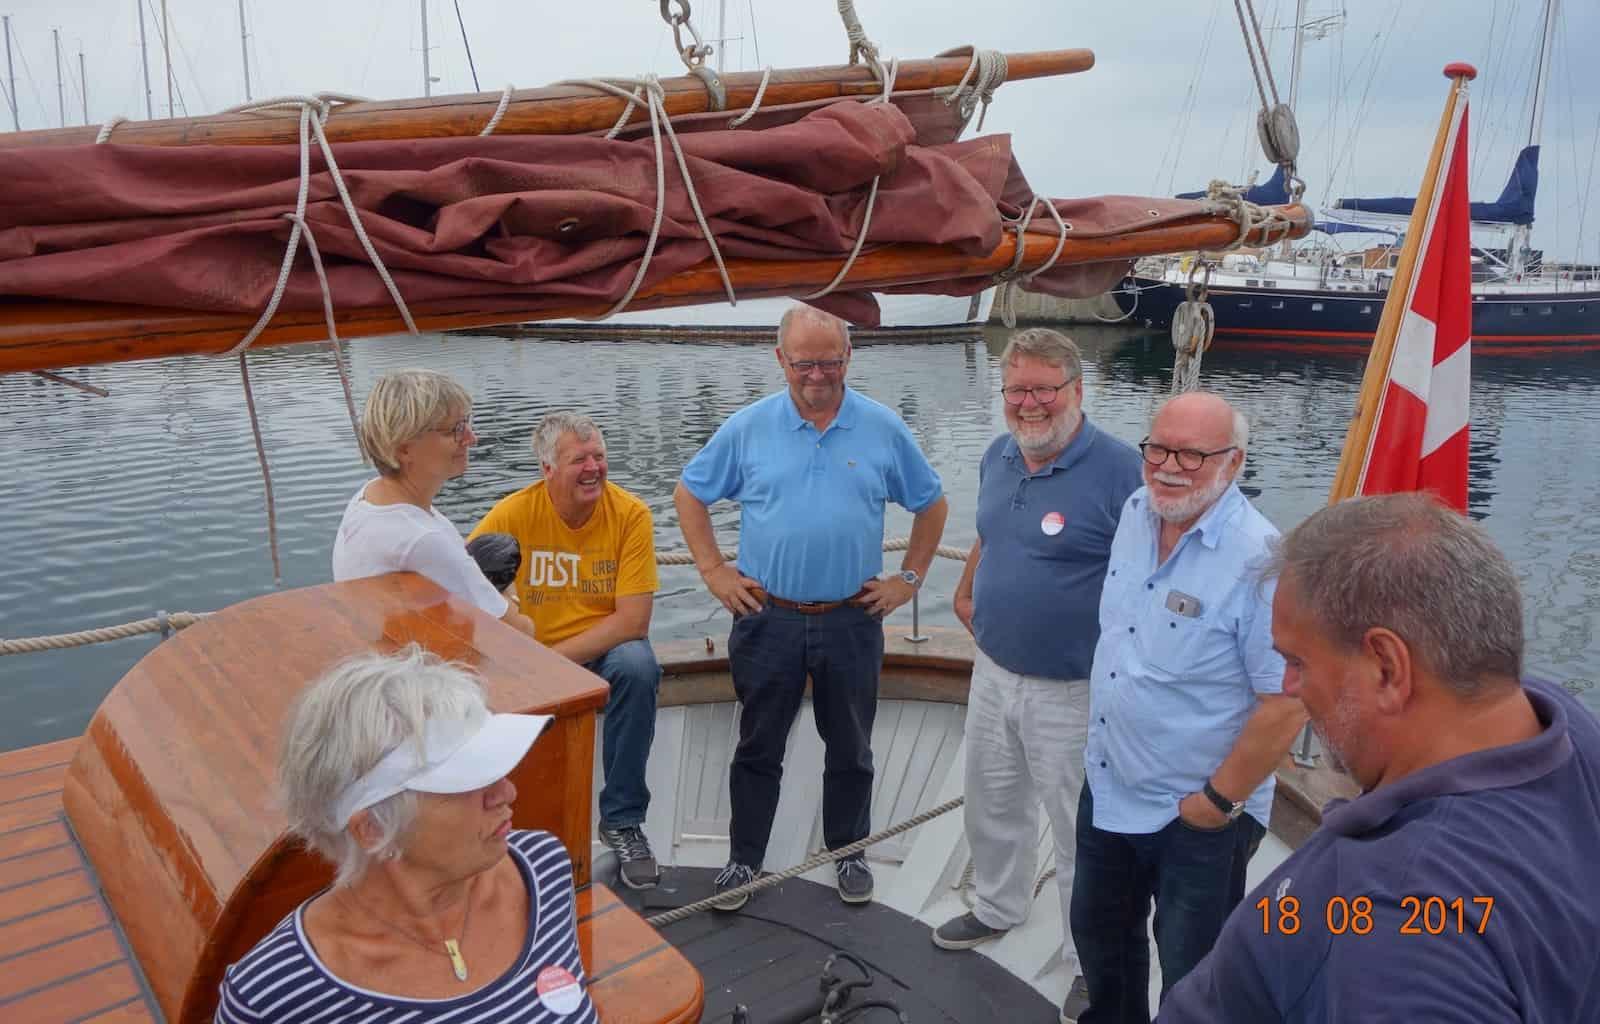 Ved Åbent Skib arrangementet på KIVIOQ var bl.a. havneformand Børge Larsen, borgmester Steen Hasselriis og havnefoged Søren Brink ombord